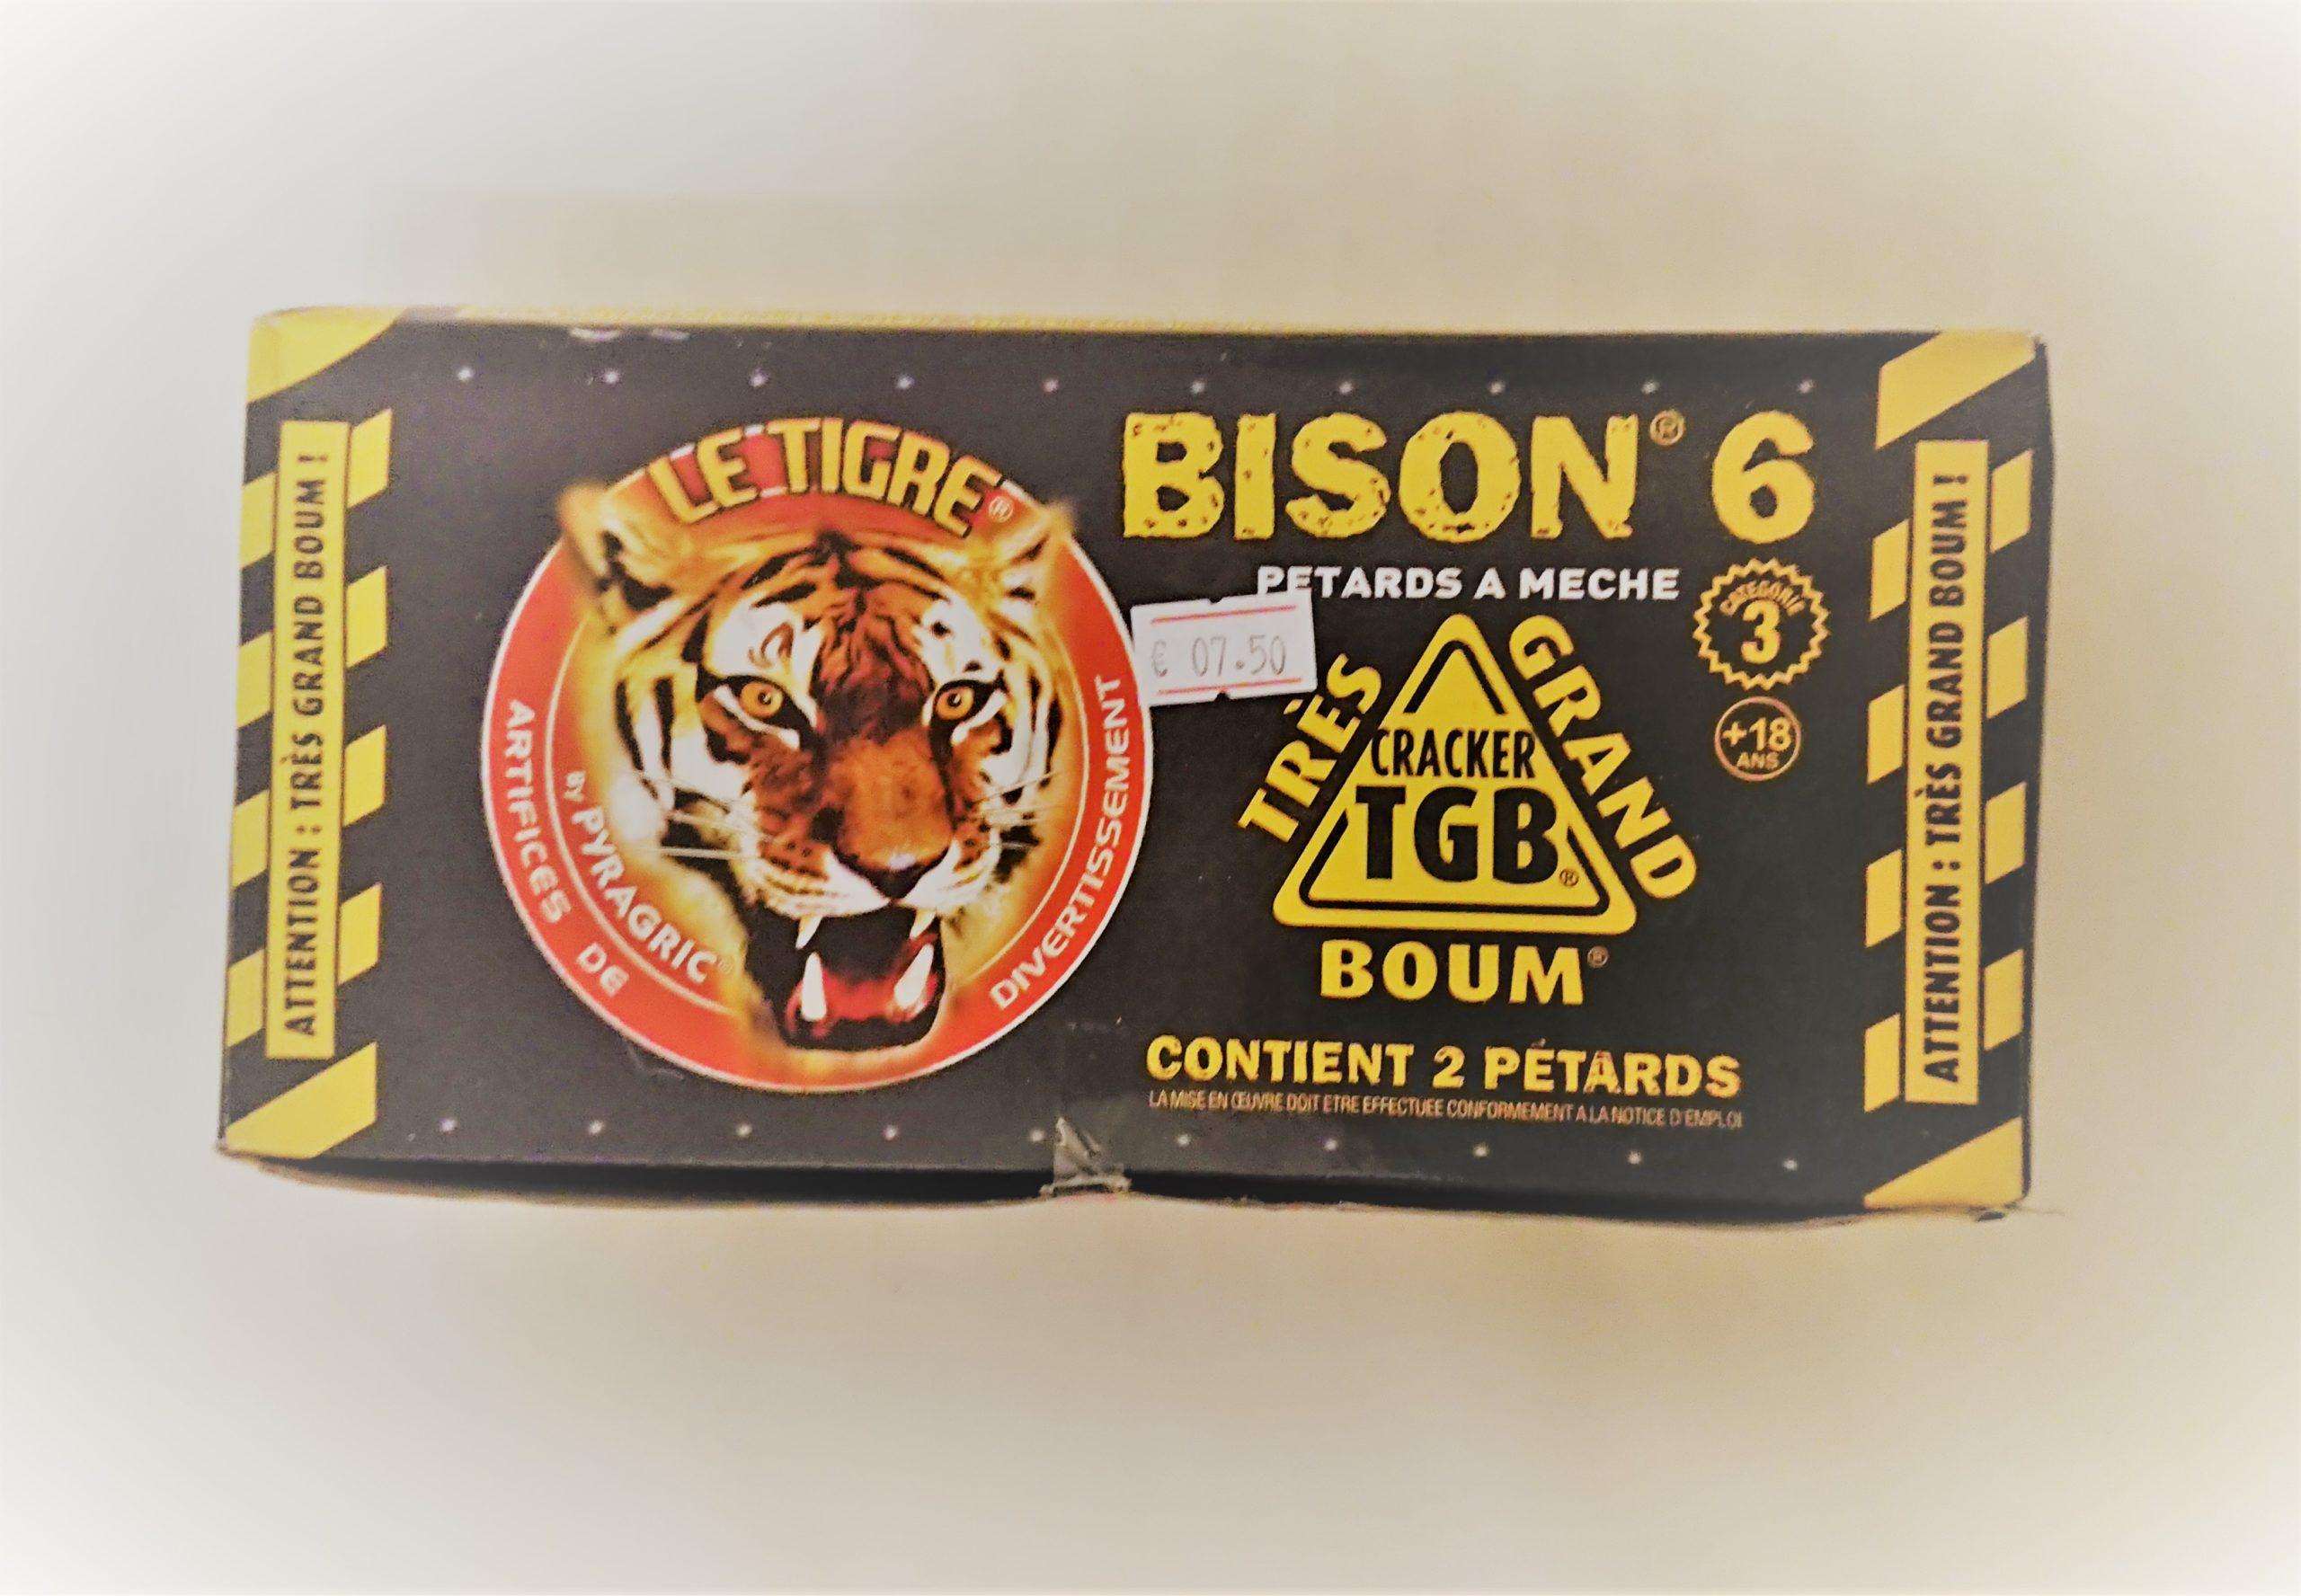 Bison 6